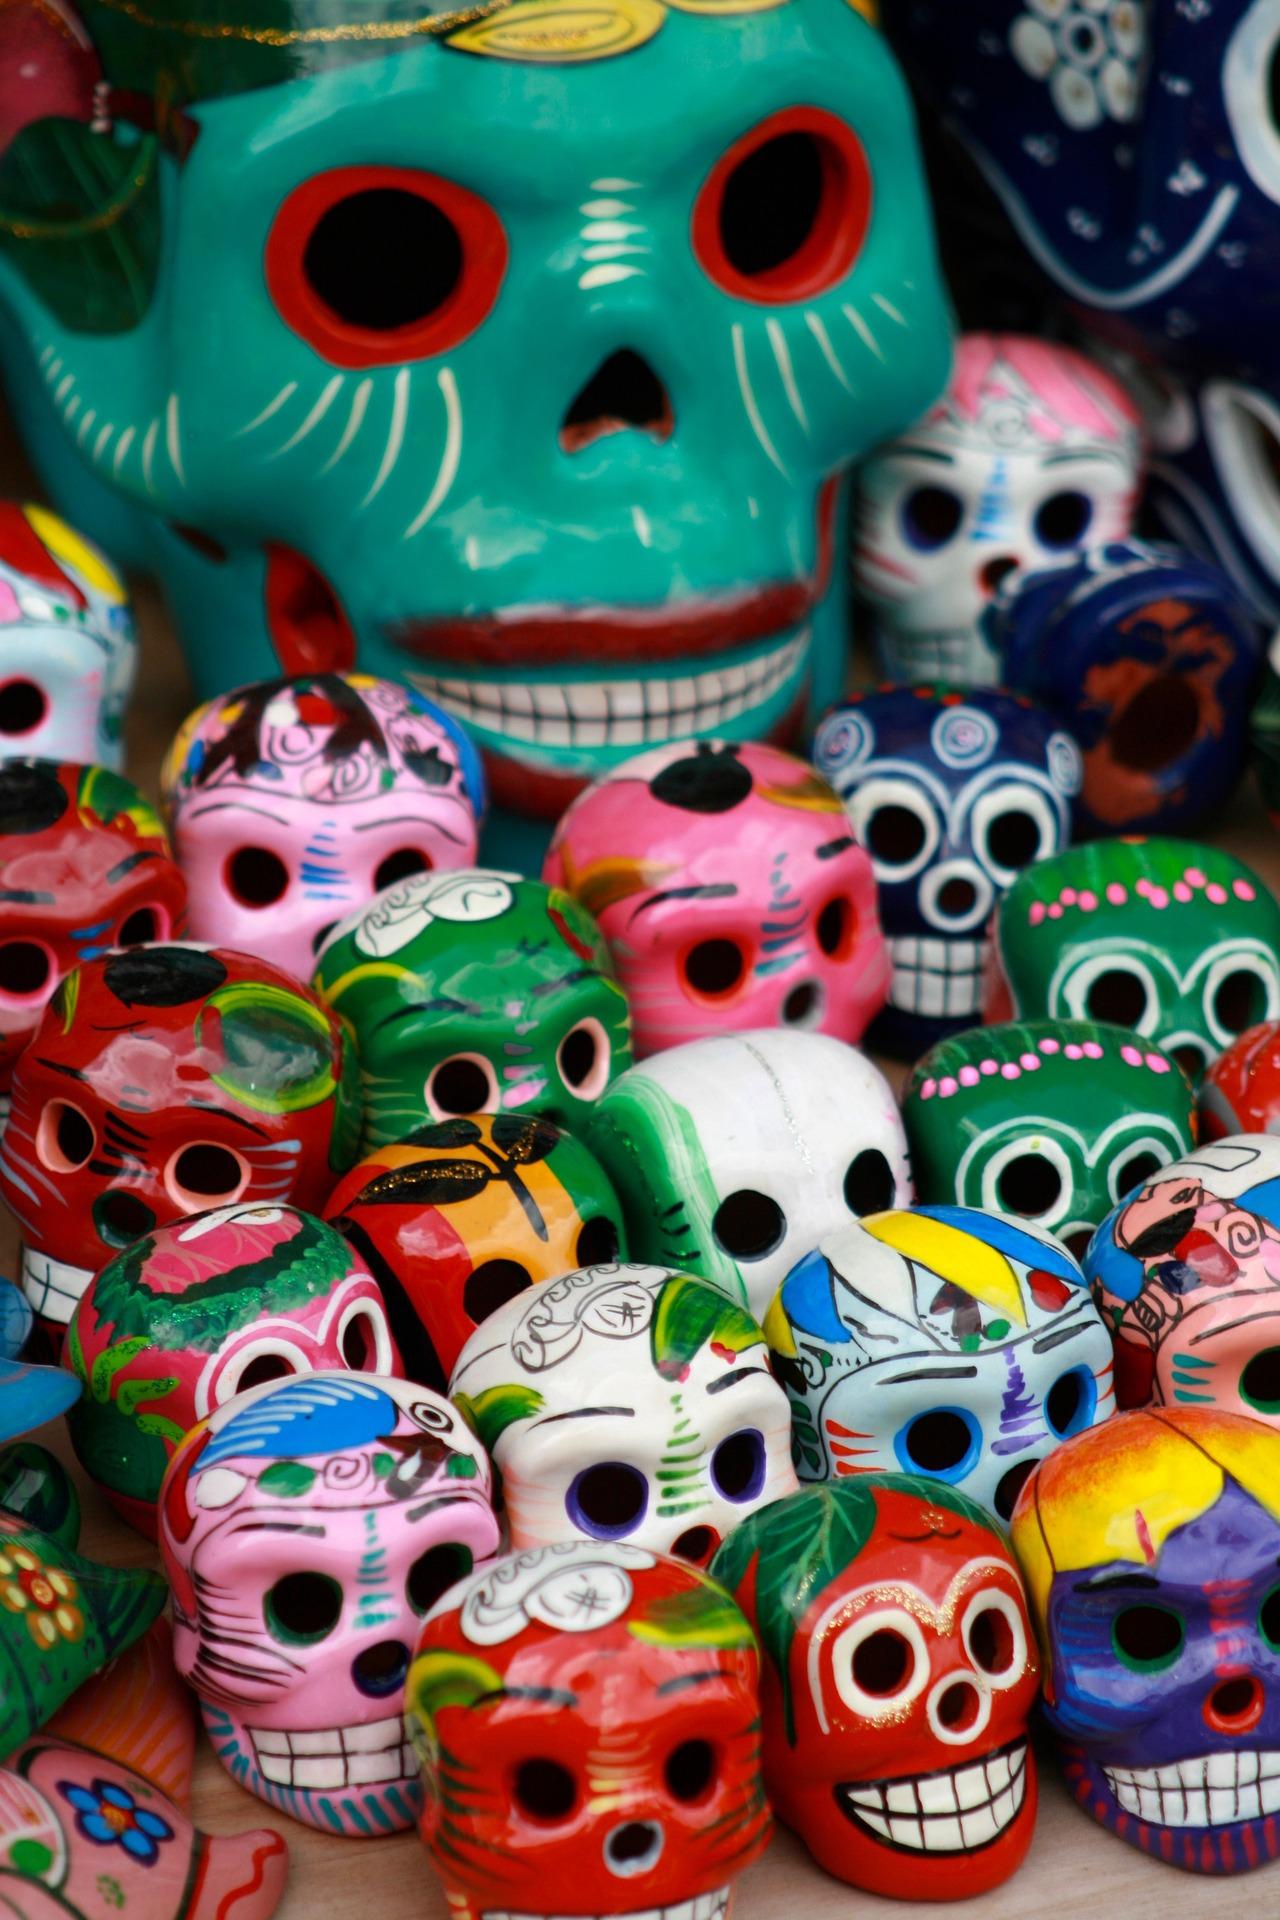 skulls-1603738_1920